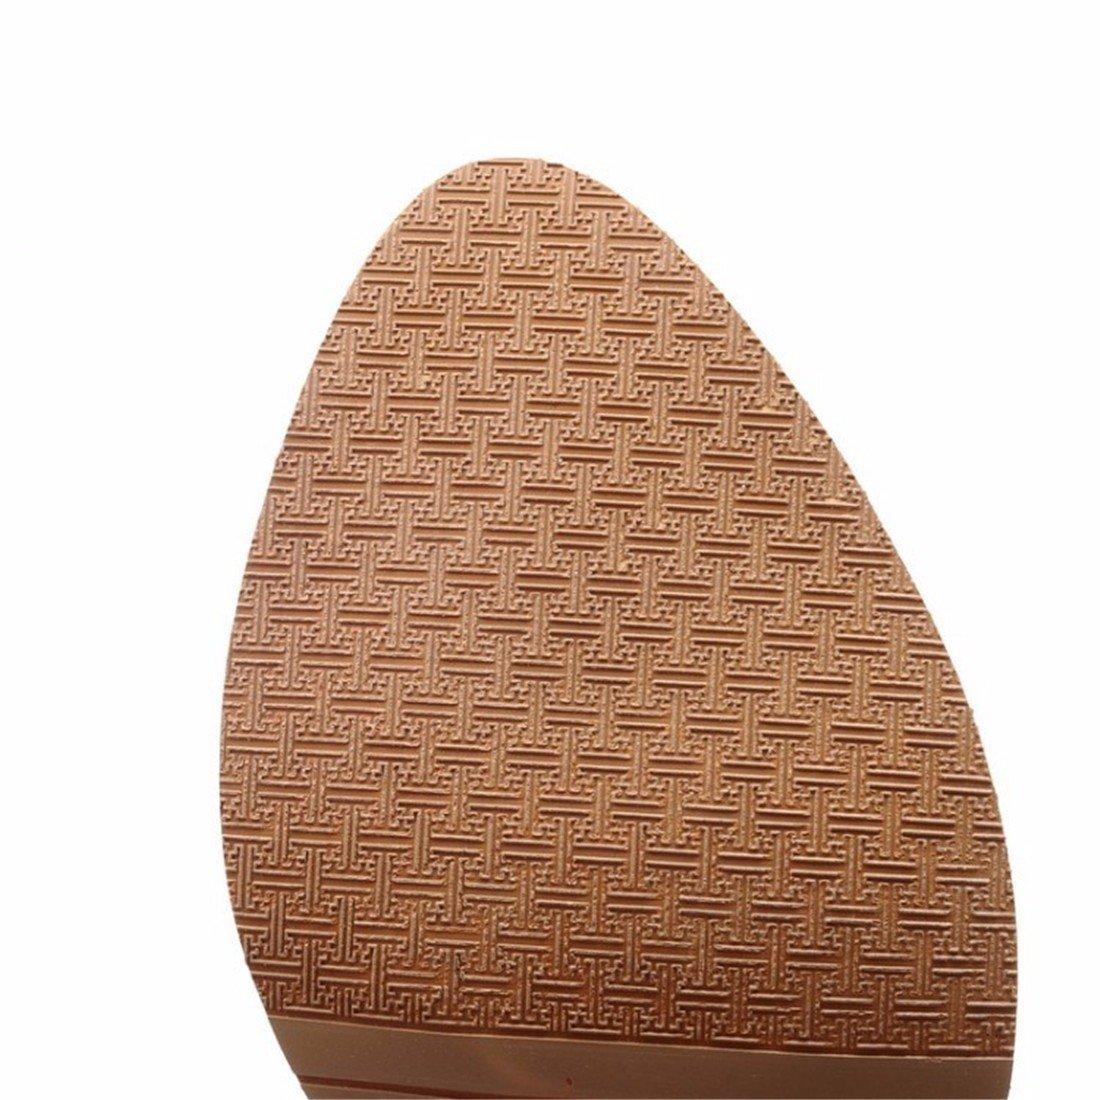 Den Code und wies Stiefel kurze Soft soled soled soled Schuhe mit hohen Absätzen 7626e7